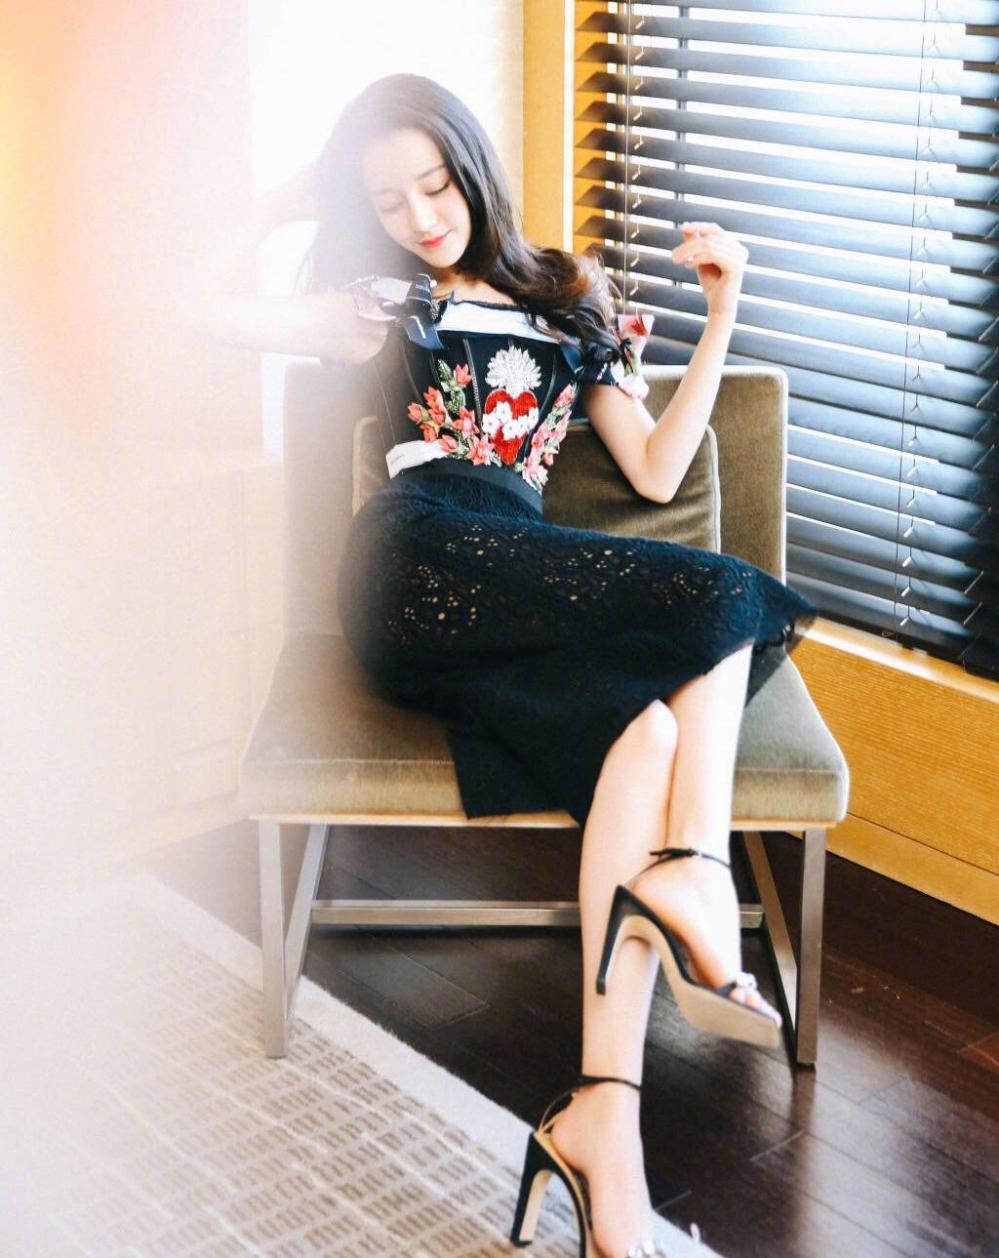 迪丽热巴身穿某品牌早春系列参加电影《解忧杂货店》首映,这件礼服图片